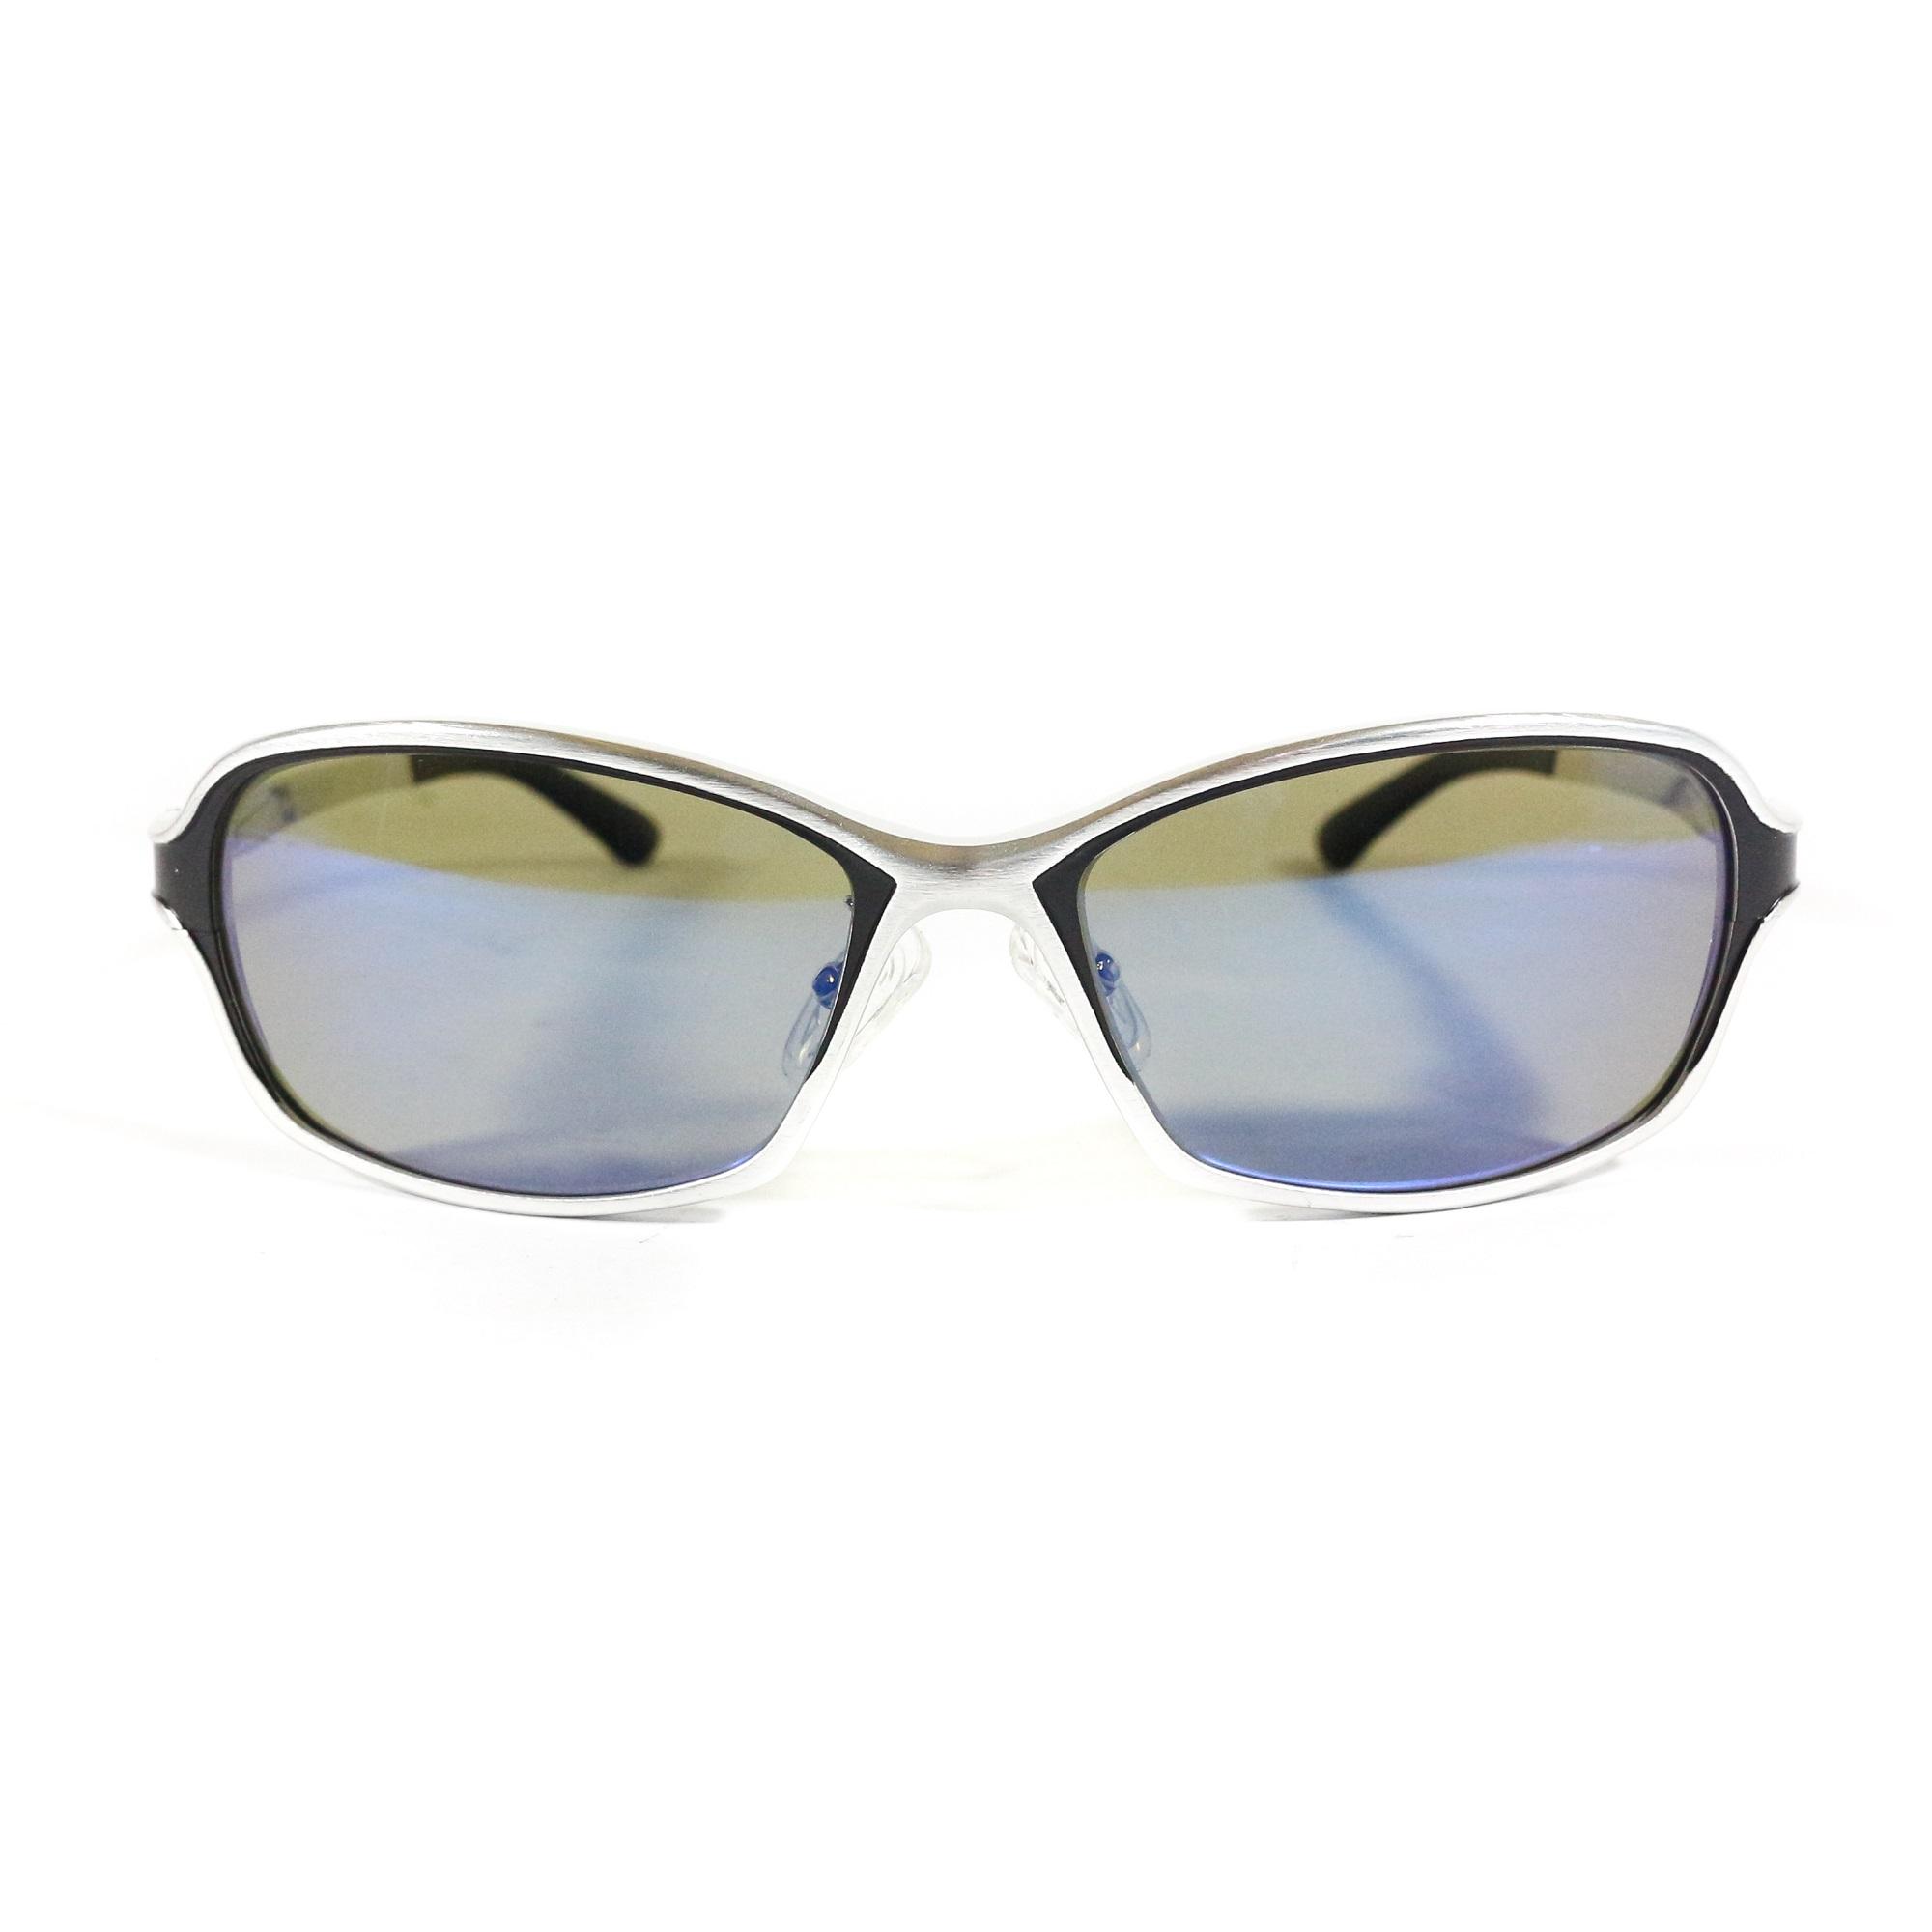 Zeque Polarised Fishing Sunglasses Dorio F-1660 BLUE MIRROR TVS (6771)